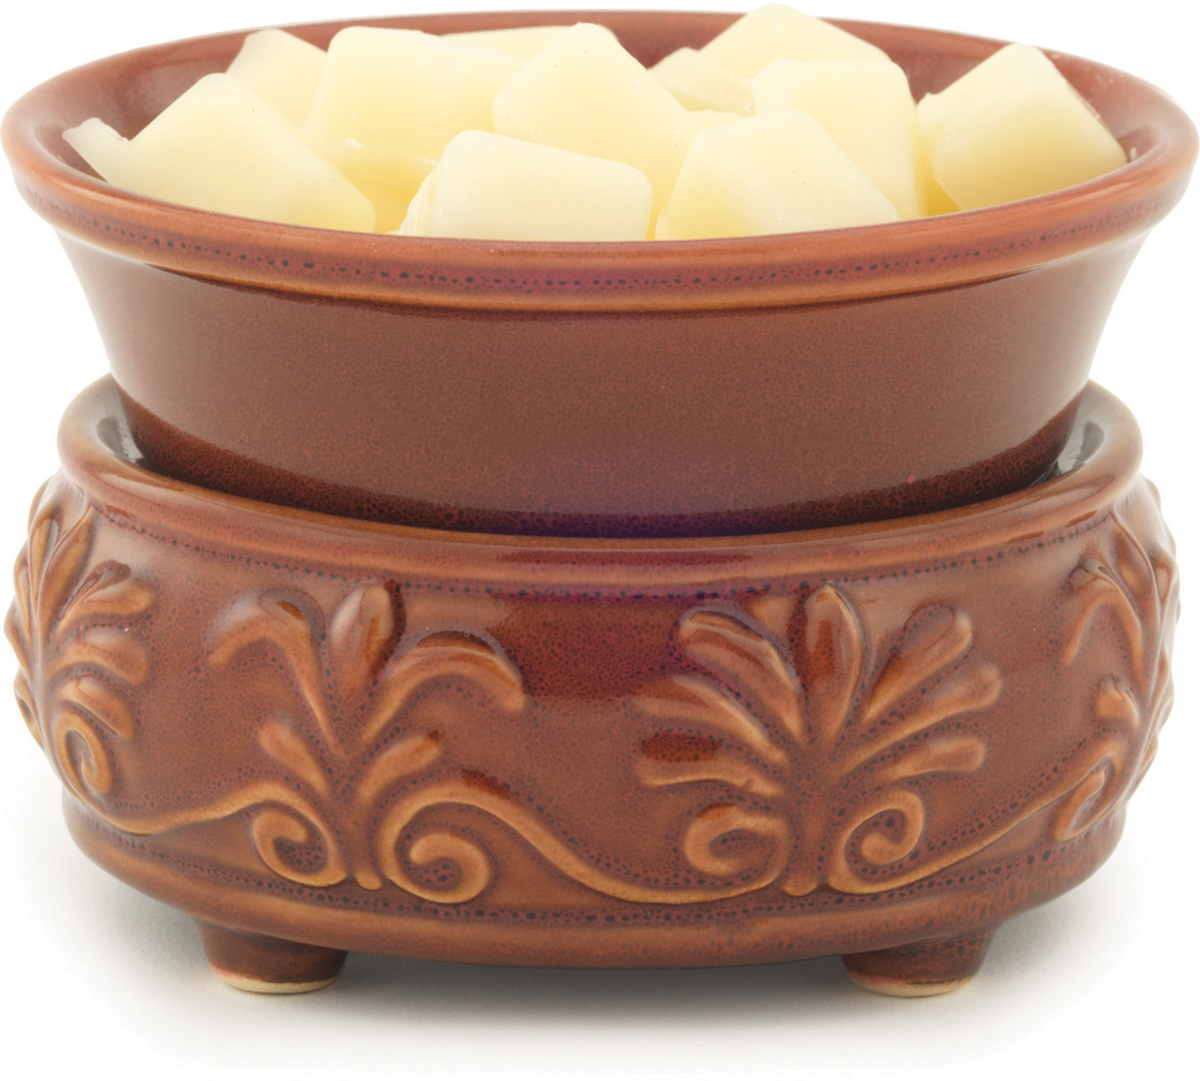 Керамический воскоплав Candle Warmers используйте для декора, а также для ароматизации помещения.  Снимите крышку, и поставить свечу на нагревающий элемент для нагрева и ароматизации.   Либо используйте ароматический воск для ароматизации помещения.  При ослаблении аромата, жидкий воск можно вылить, и свеча зазвучит по новому.   Прекрасно подойдёт для безопасного использования.    Керамический воскоплав красный камень: цвет красной скалы украшенный узором Флер-де-Лис (королевская лилия) и пальметты.   Подойдёт диаметр свечи 10 см.    Элегантный домашний декор будет находится всегда в центре внимания каждого интерьера.